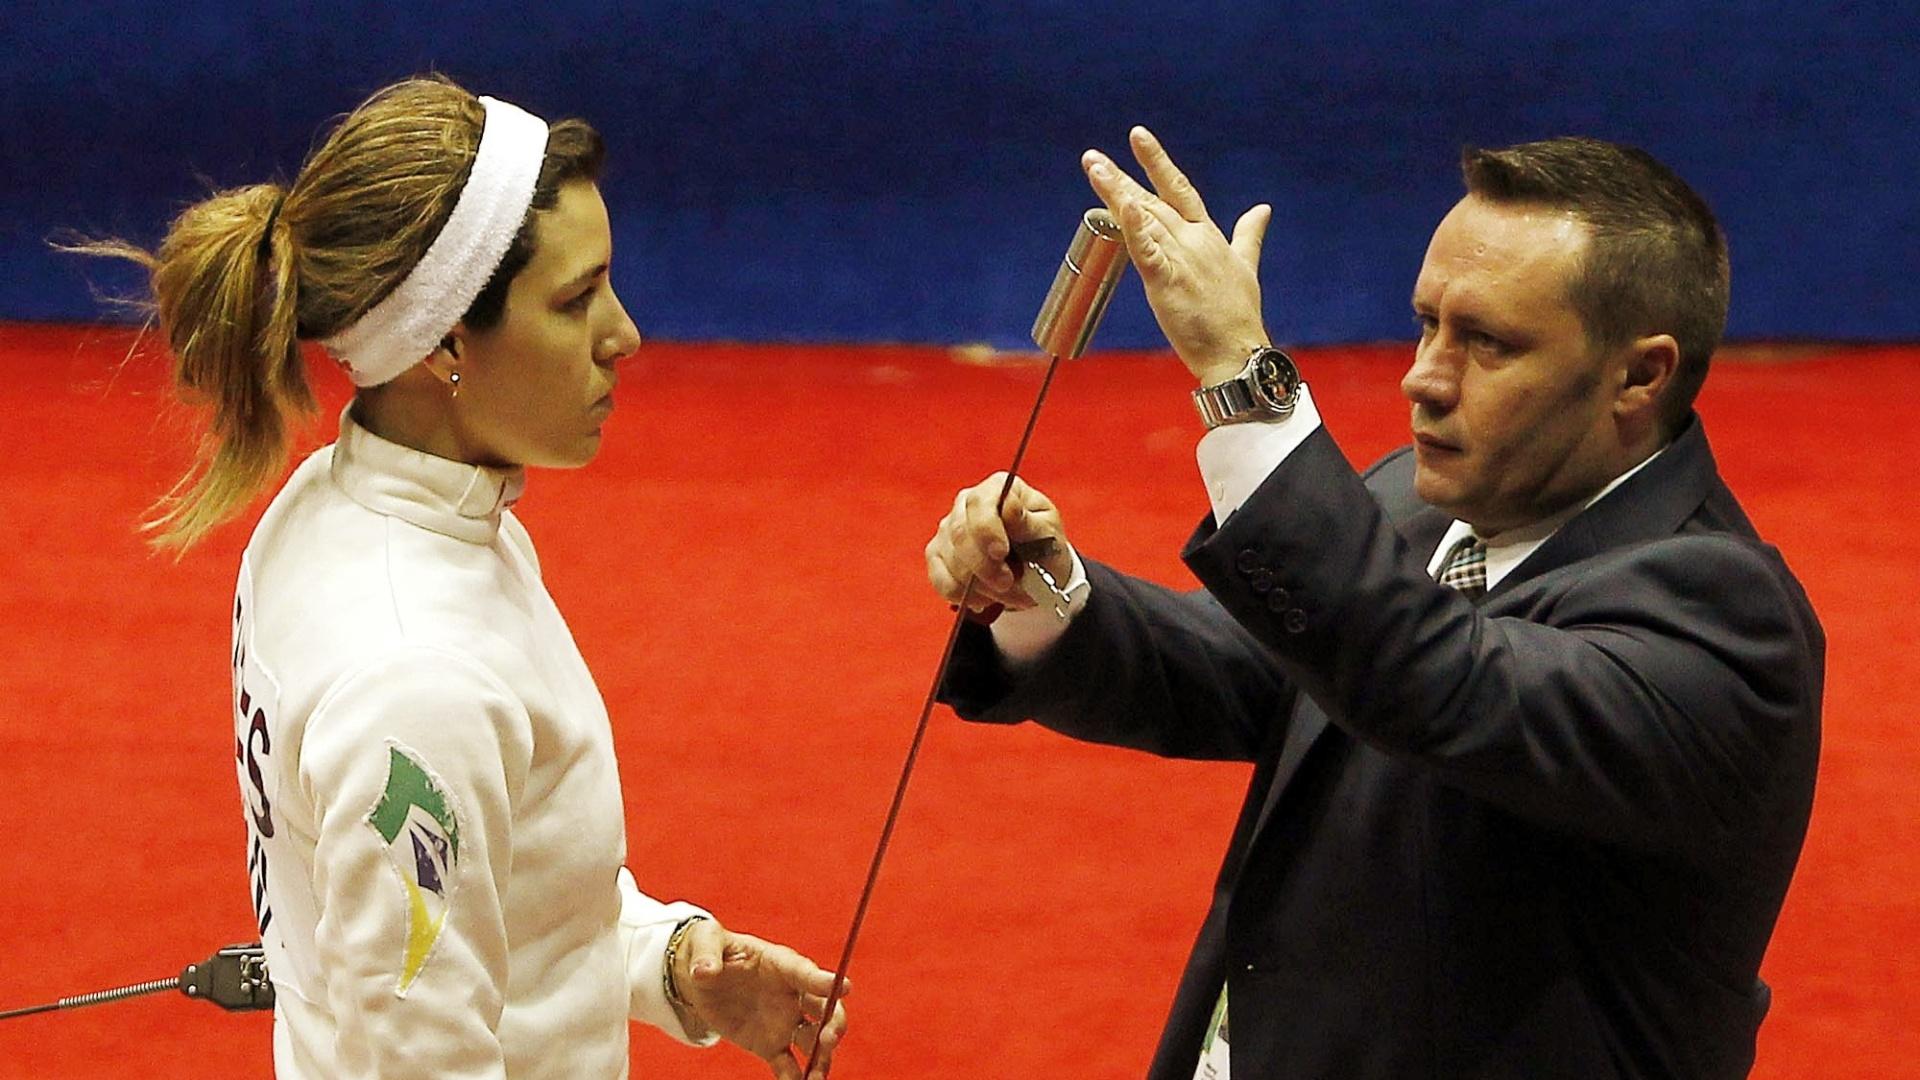 No Rio-2007, a esgrimista Clarisse de Menezes ficou com a medalha de bronze, porém em Guadalajara a brasileira caiu nas oitavas de final (26/10/2011)